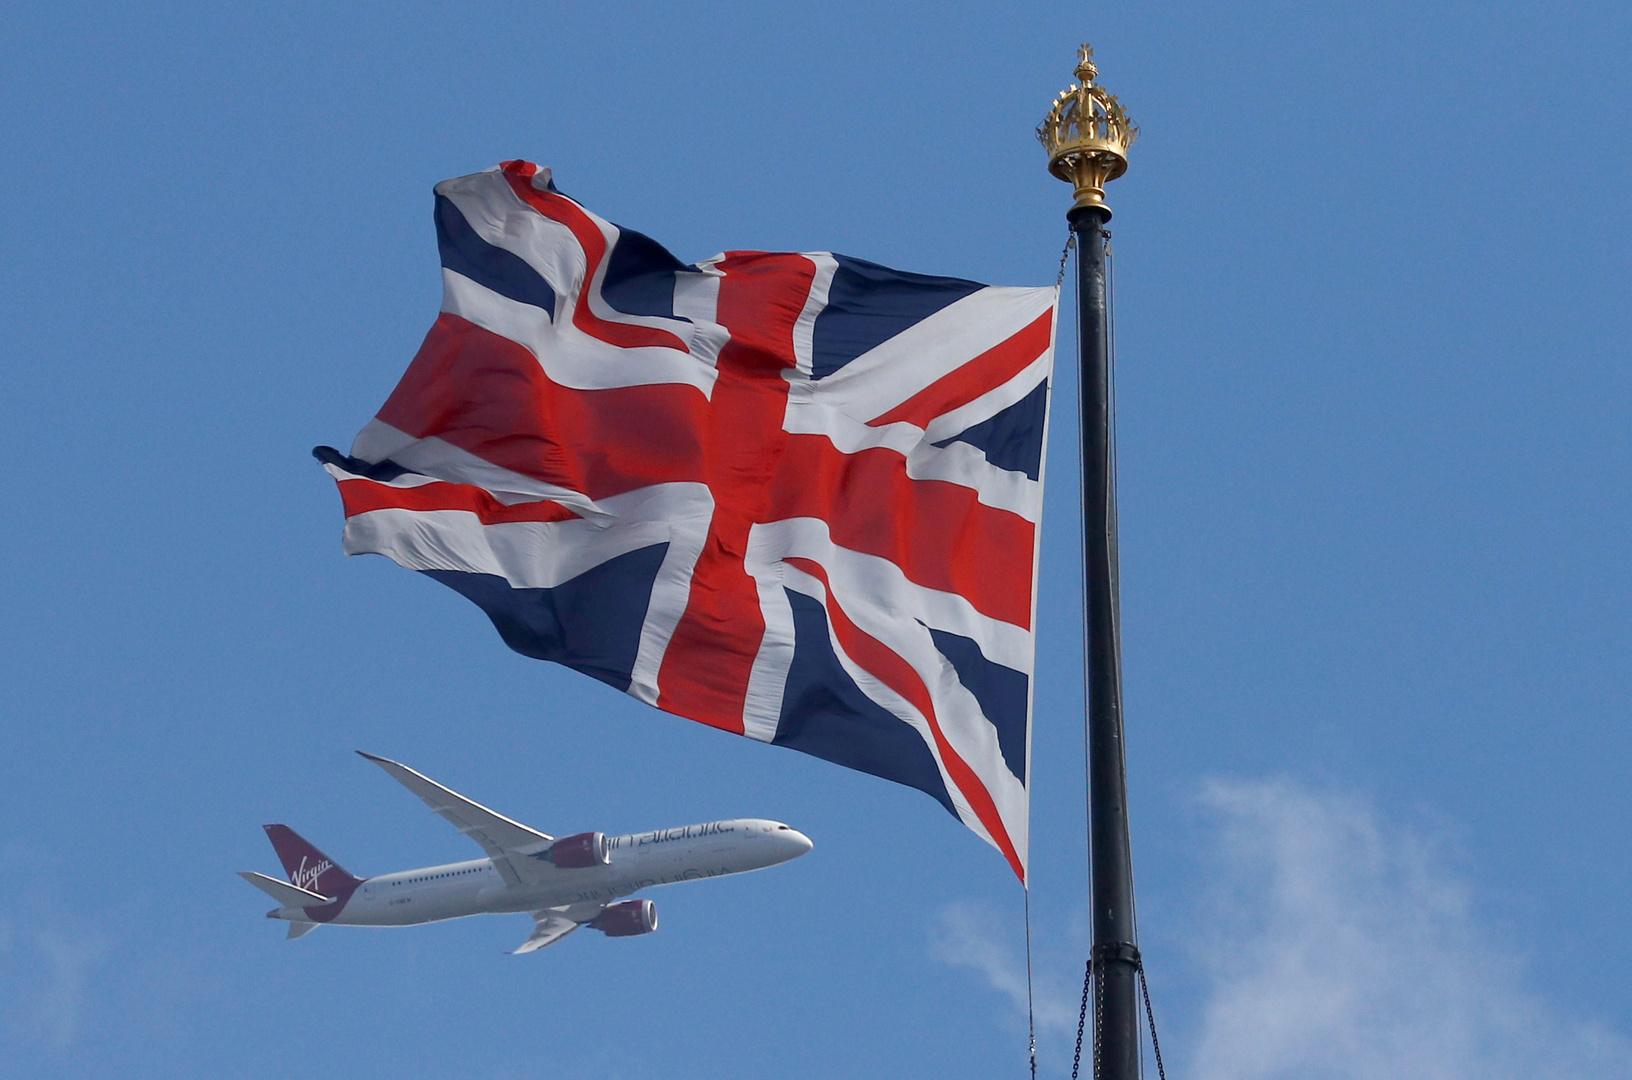 علم بريطاني على خلفية طائرة ركاب في لندن.